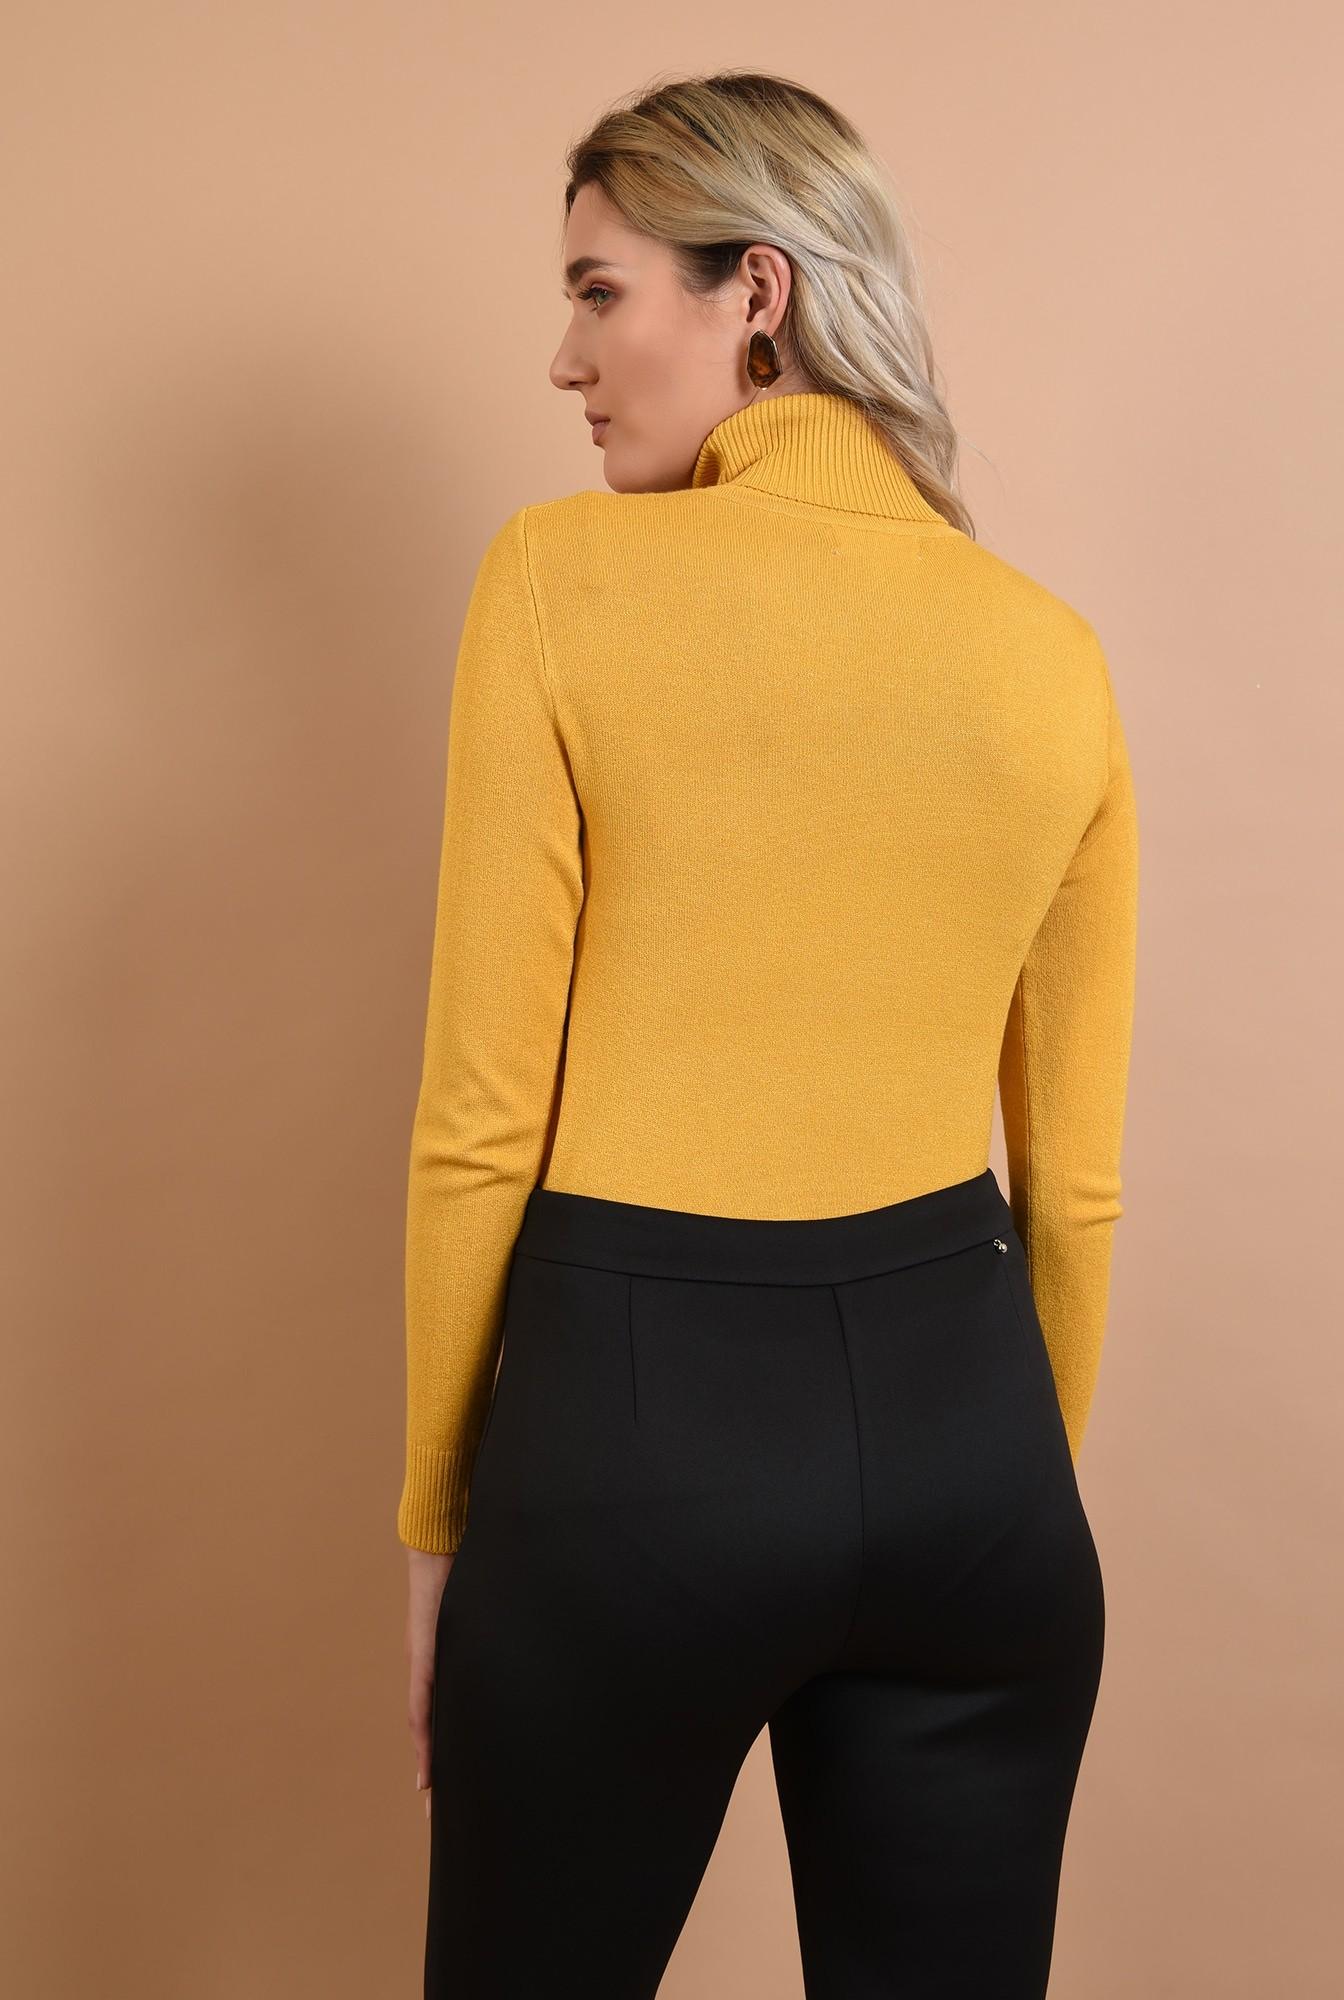 1 - pulover mustar, casual, galben, Poema, maleta cu guler reiat